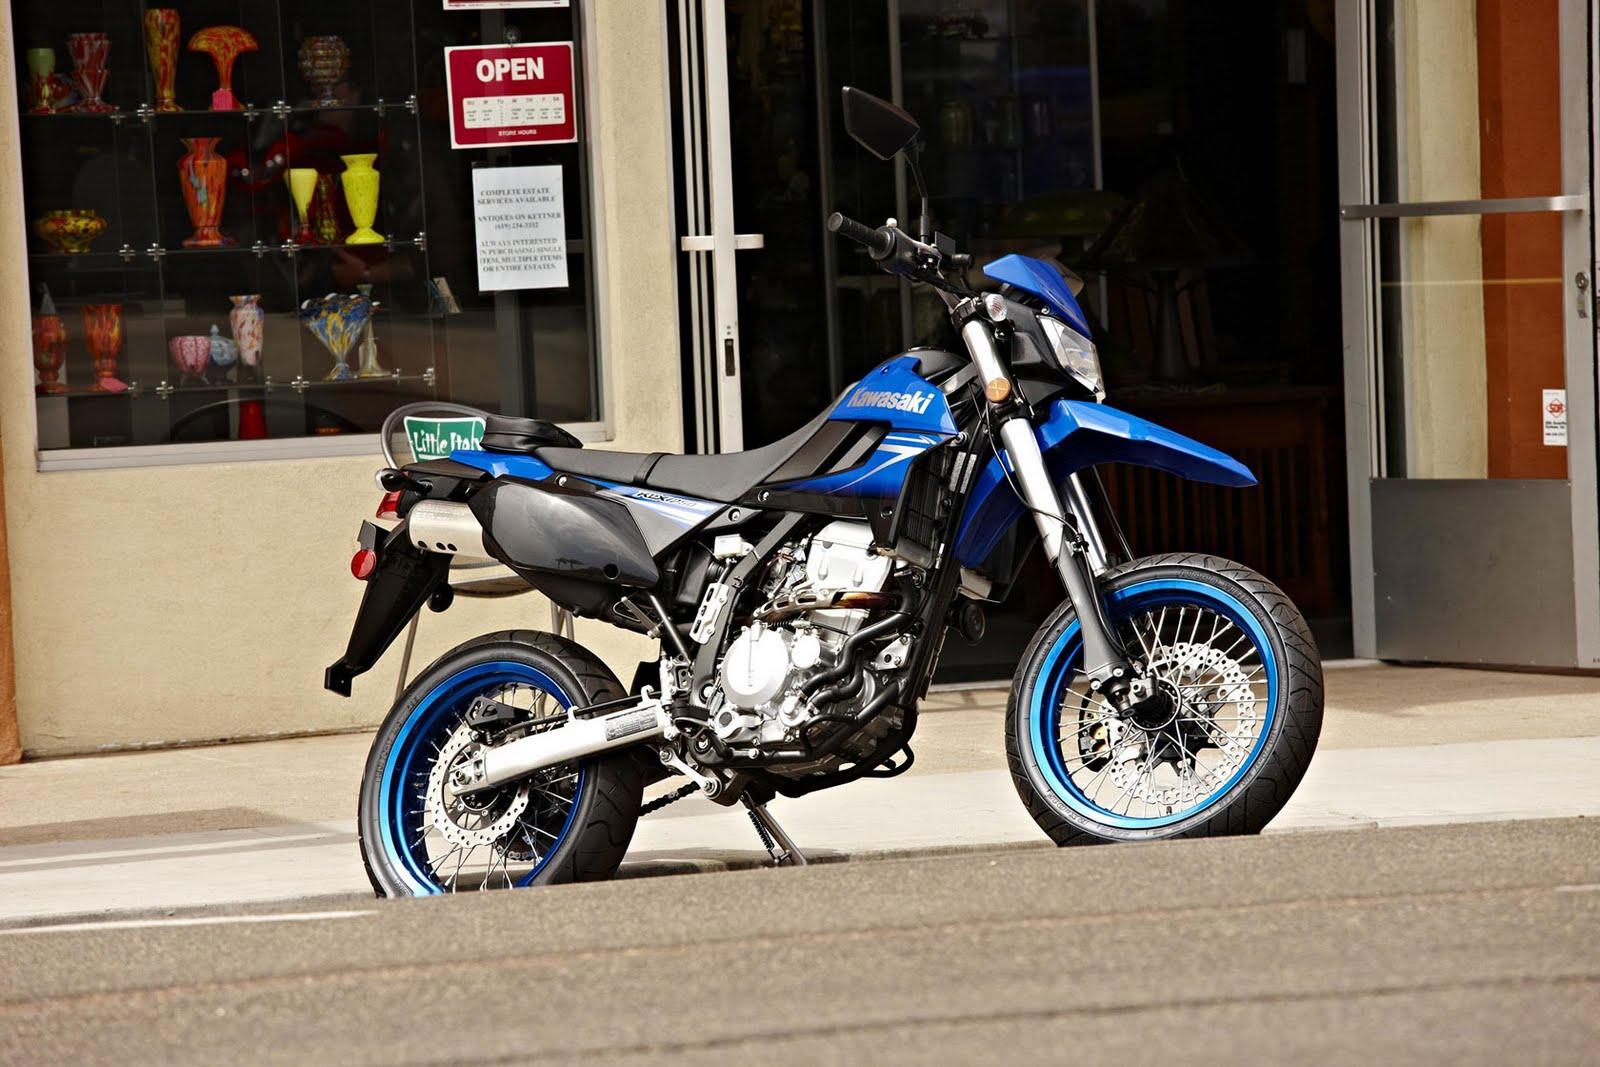 http://4.bp.blogspot.com/_FpGcbrYTyDw/S_FrWpDiURI/AAAAAAAAA6g/o9hpPS5C7XY/s1600/2010+Kawasaki+KLX250SF+side.jpg